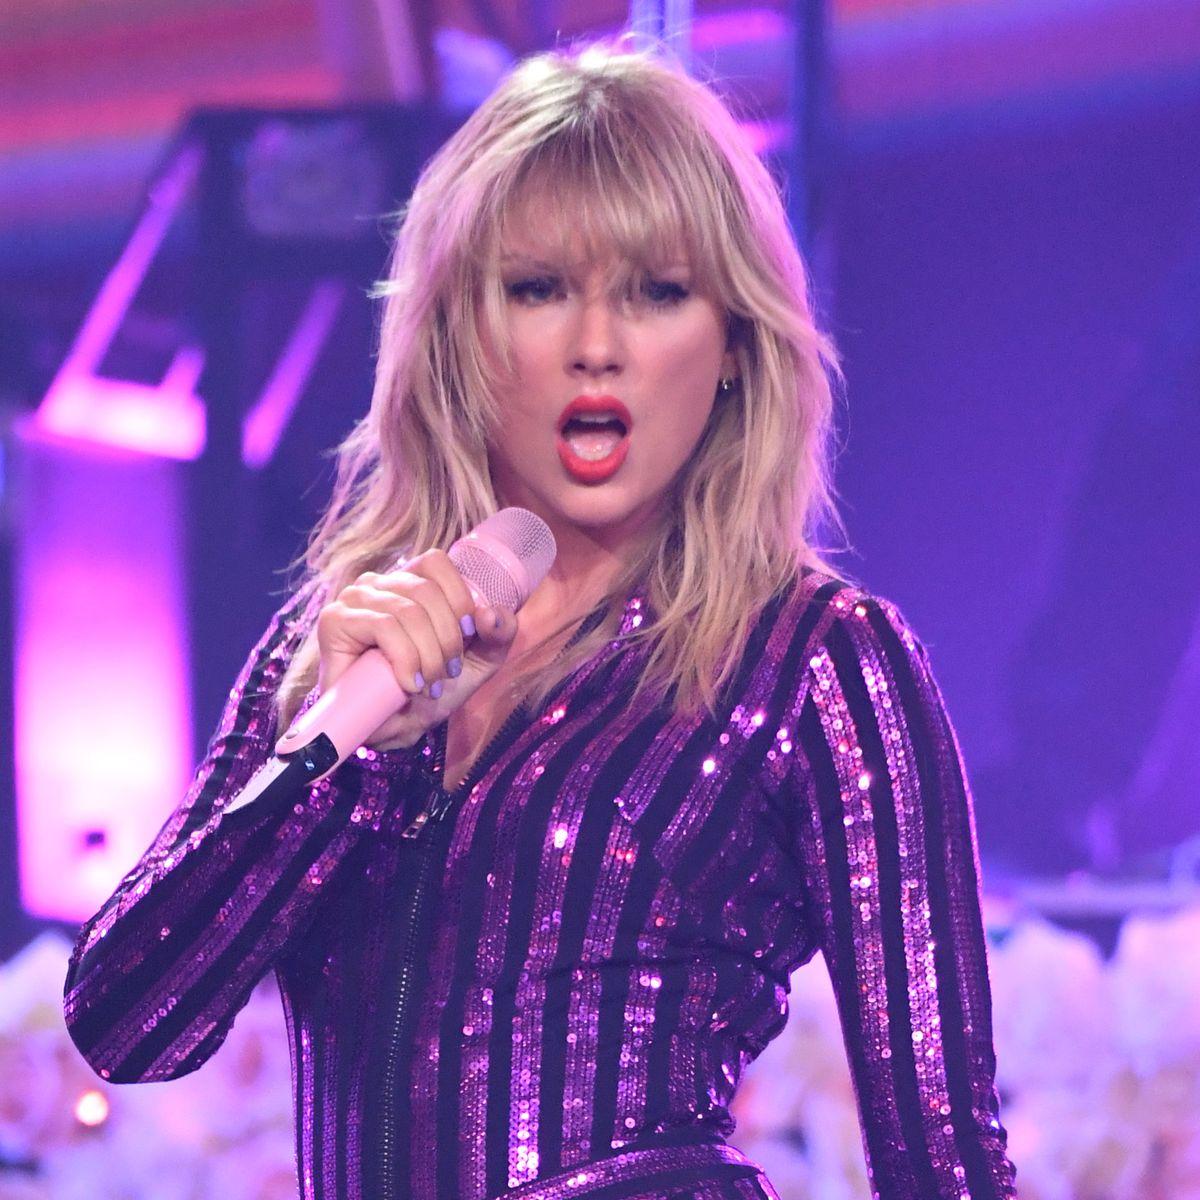 Drunk Taylor Swift Looks Like A Lot Of Fun On Instagram